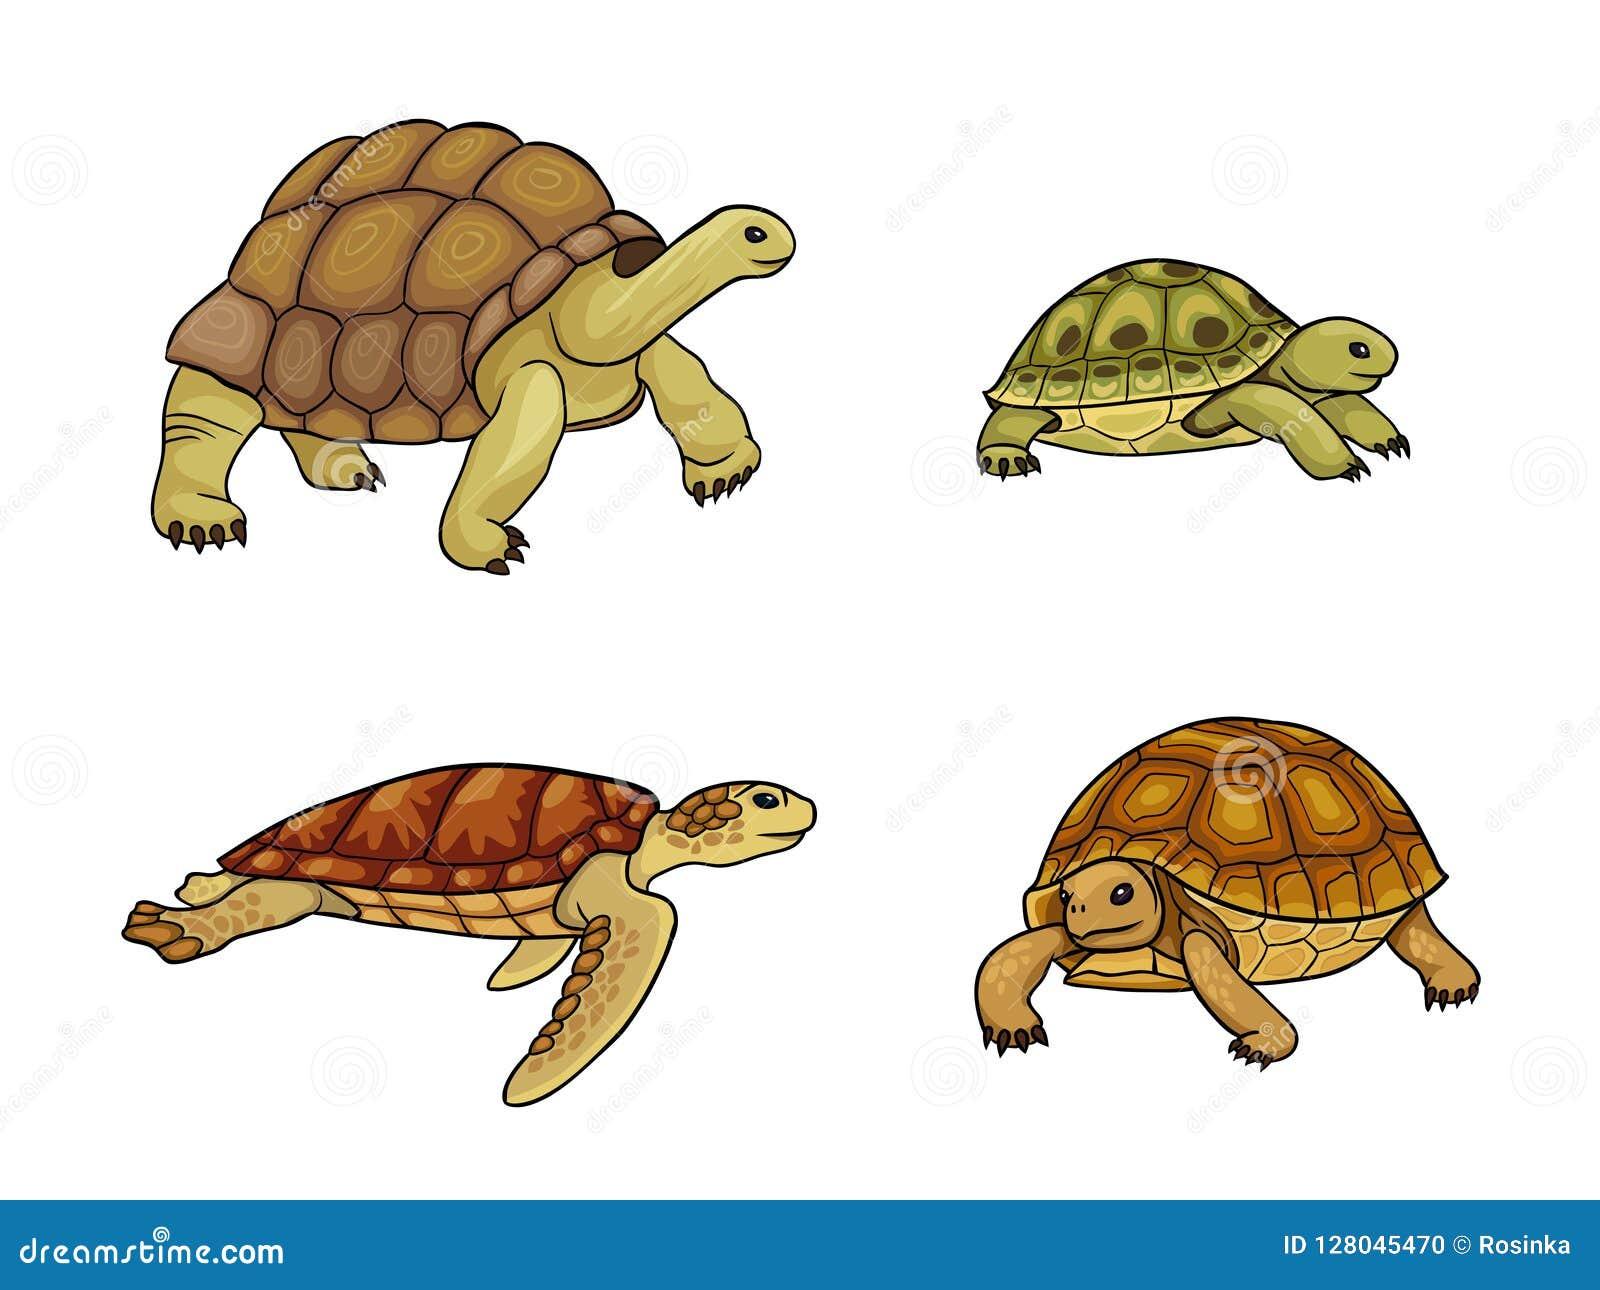 Sköldpadda och sköldpadda - vektorillustration